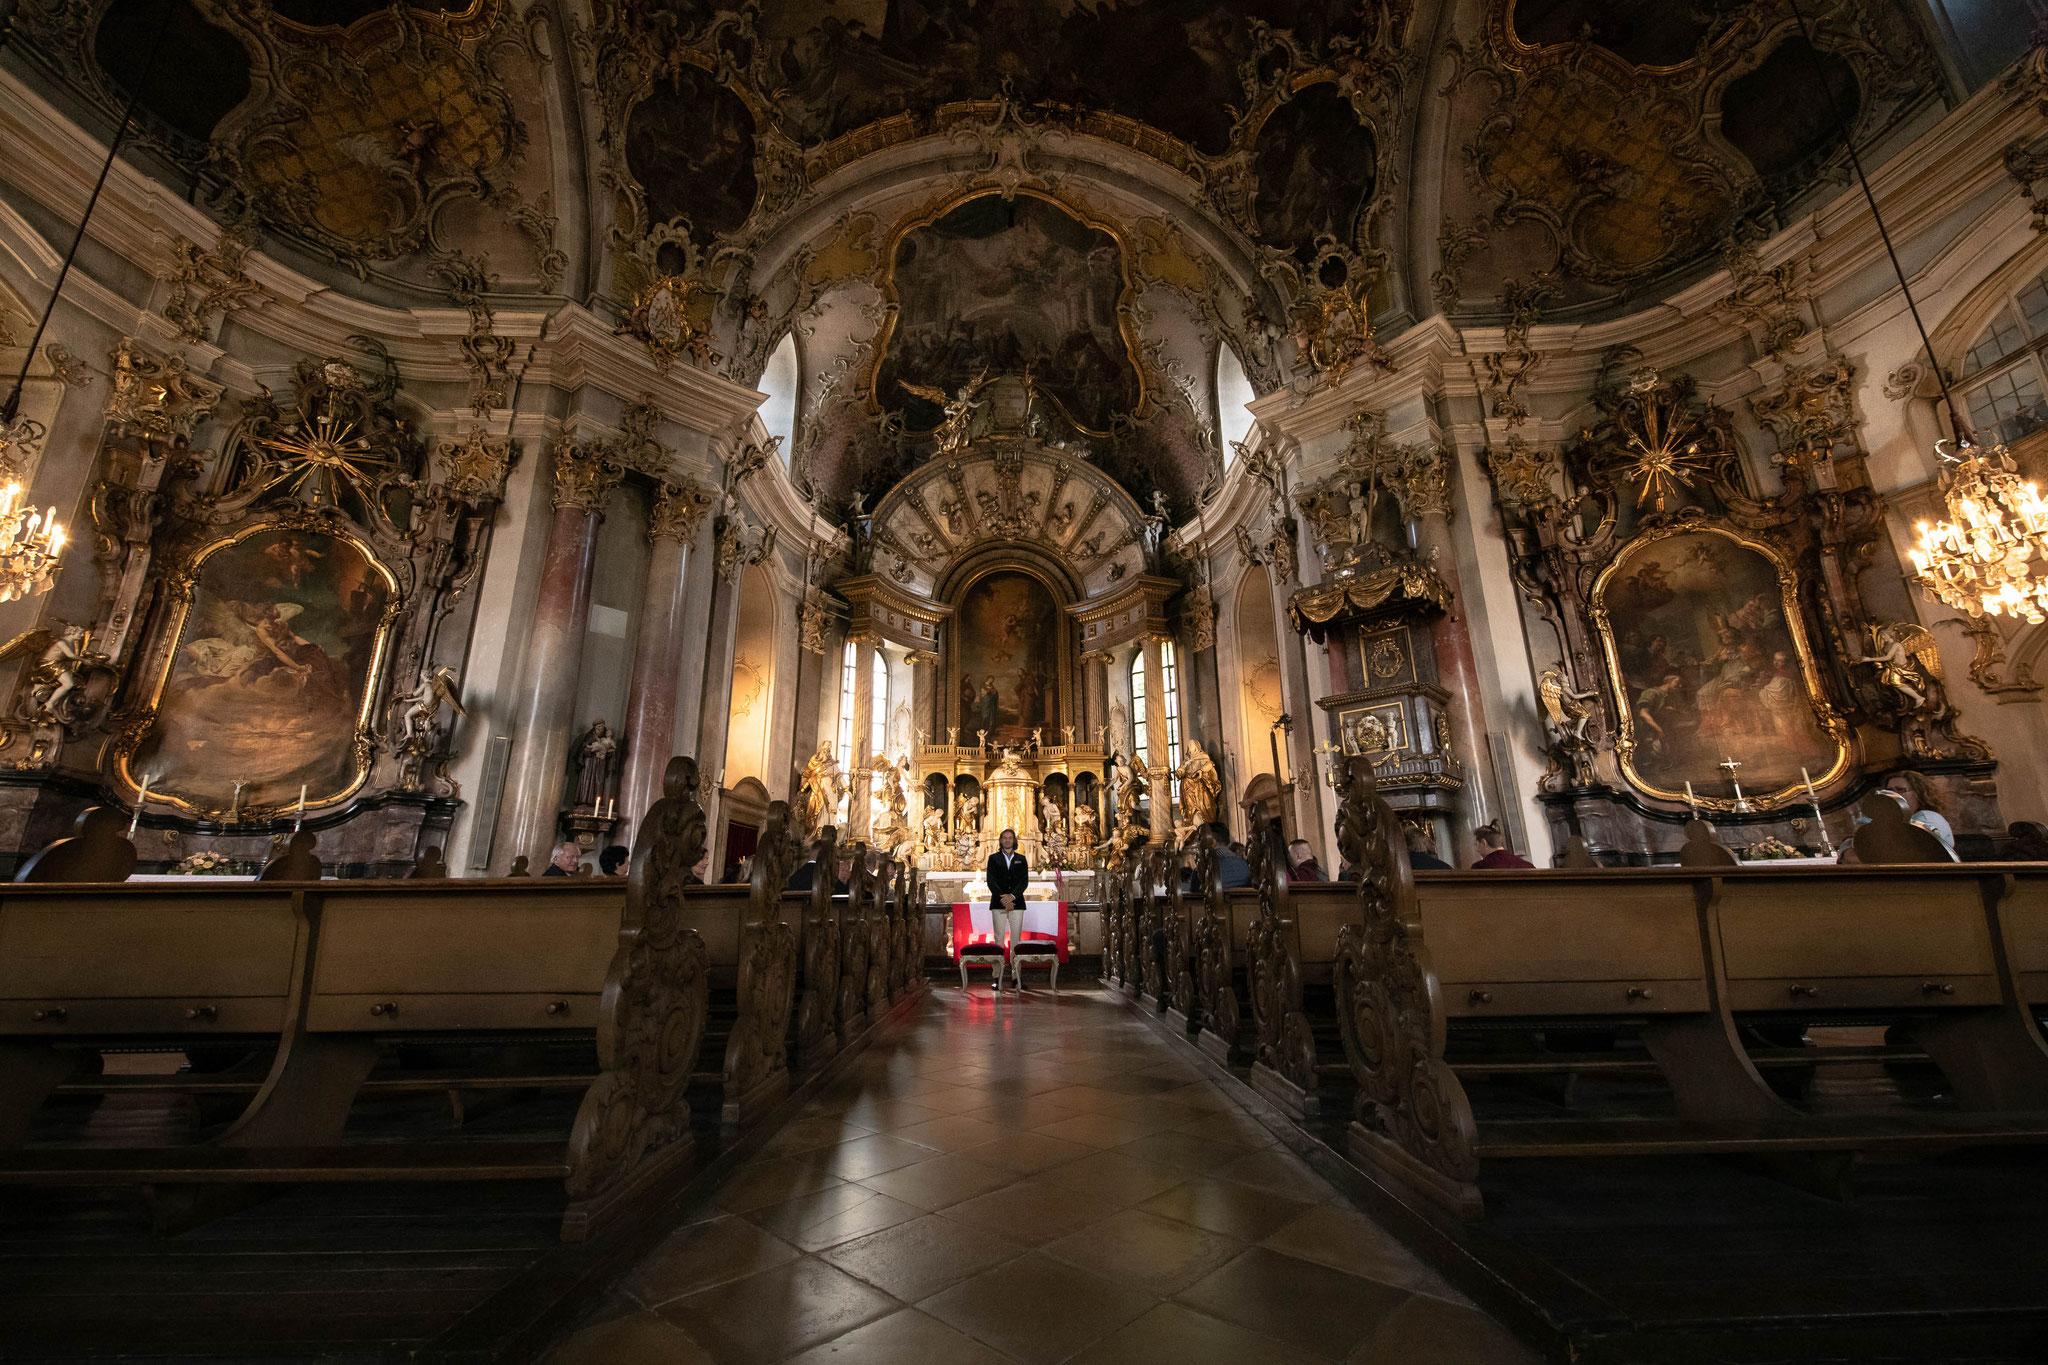 Trauung in der Wallfahrtskirche Käppele in Würzburg